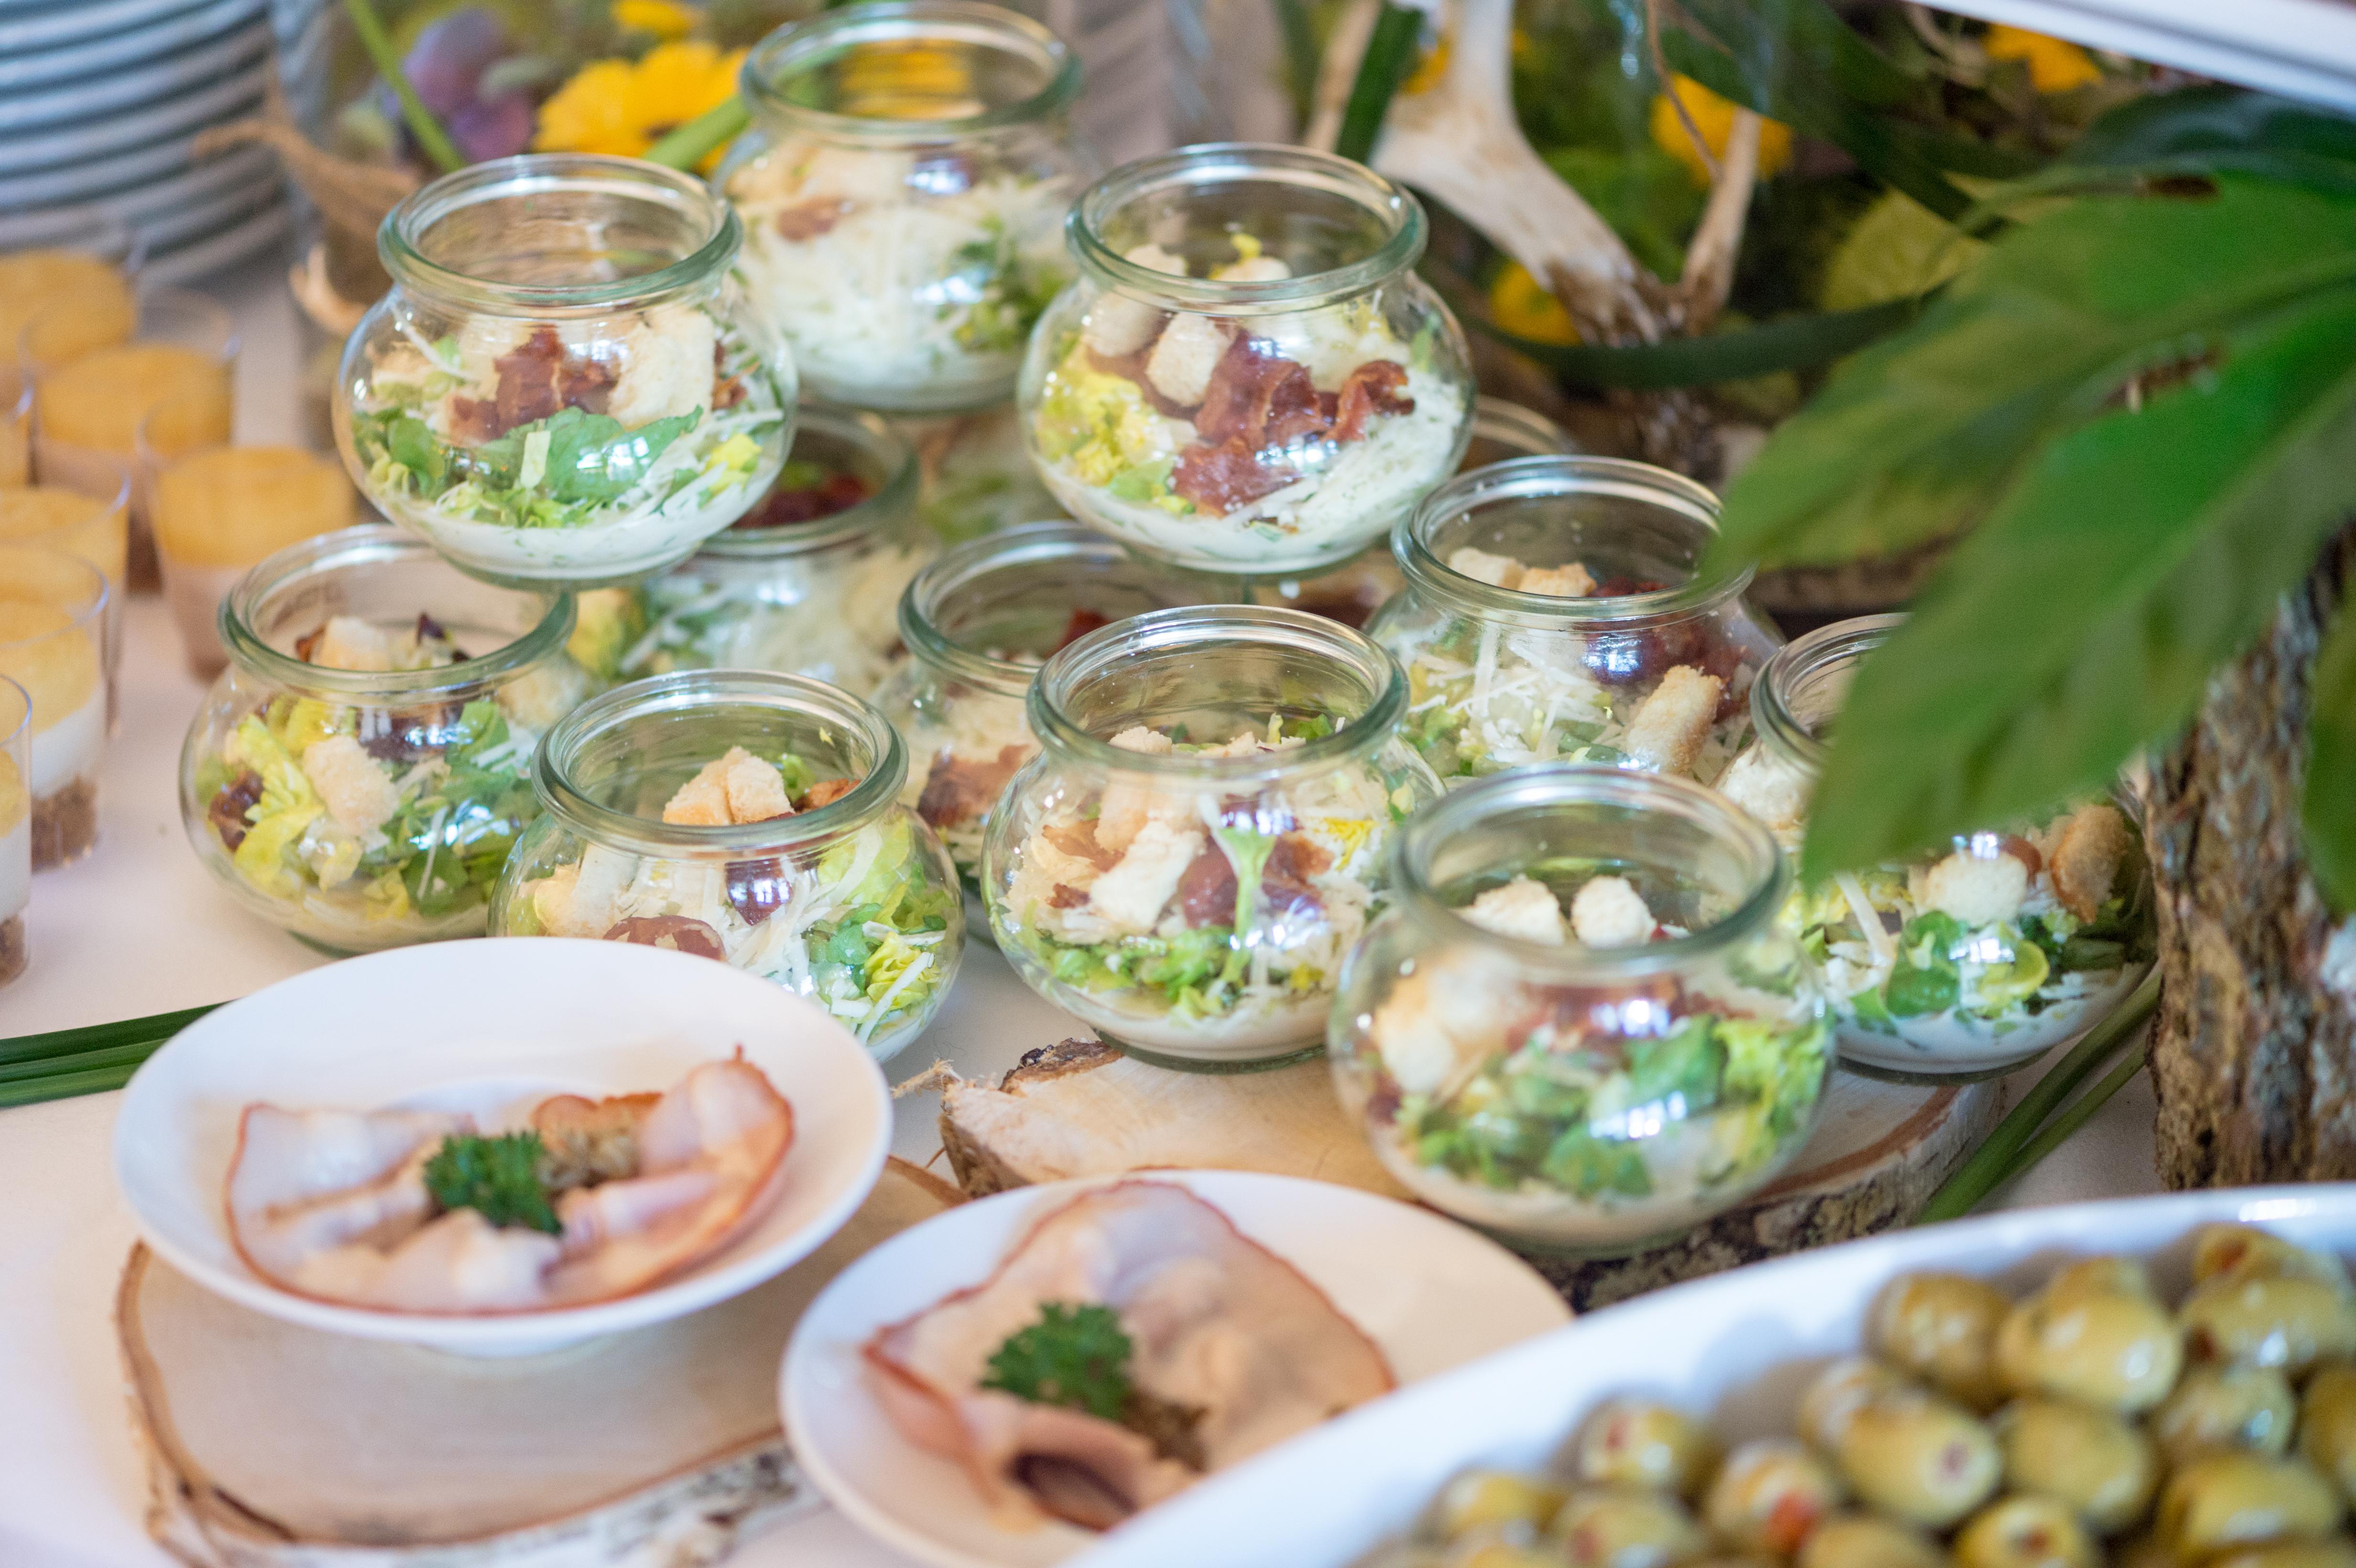 Roth Catering & Events in Isenbüttel Niedersachsen